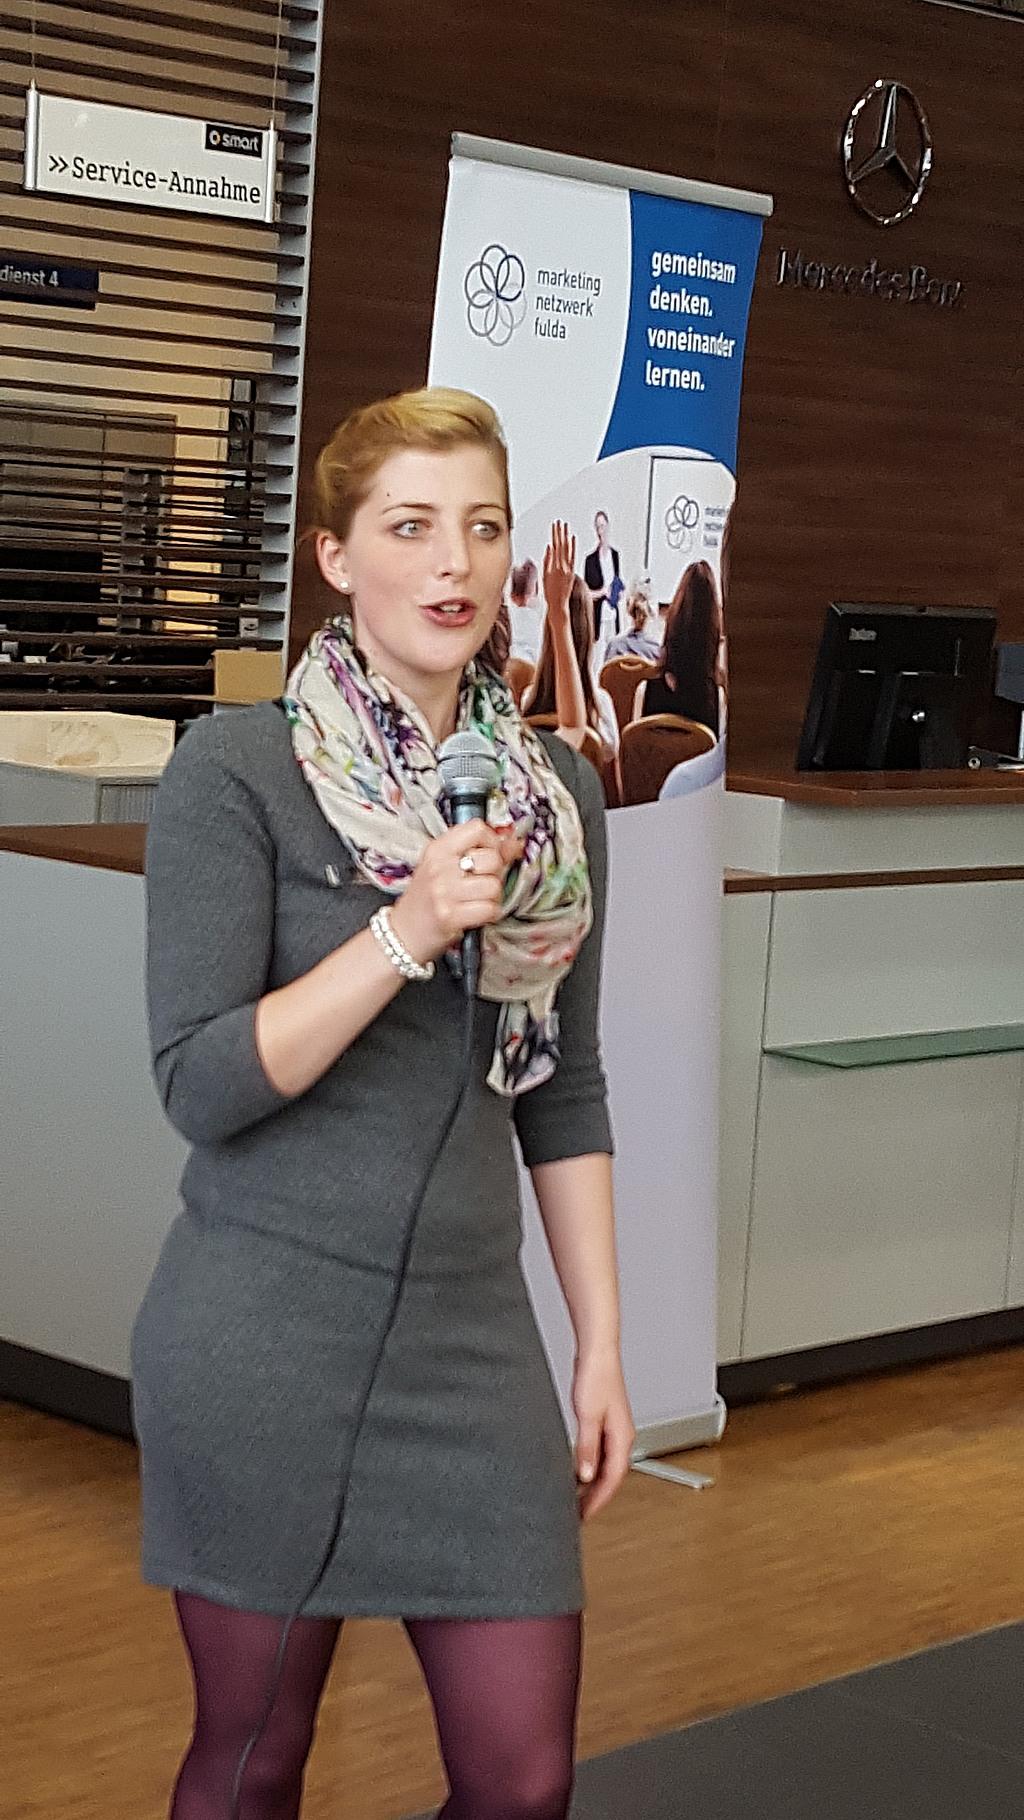 Yasmin Wohlerdt zuständig für das Handelsmarketing bei Mercedes Kunzmann in Fulda begrüßte die Mitglieder des Marketing-Netzwerks